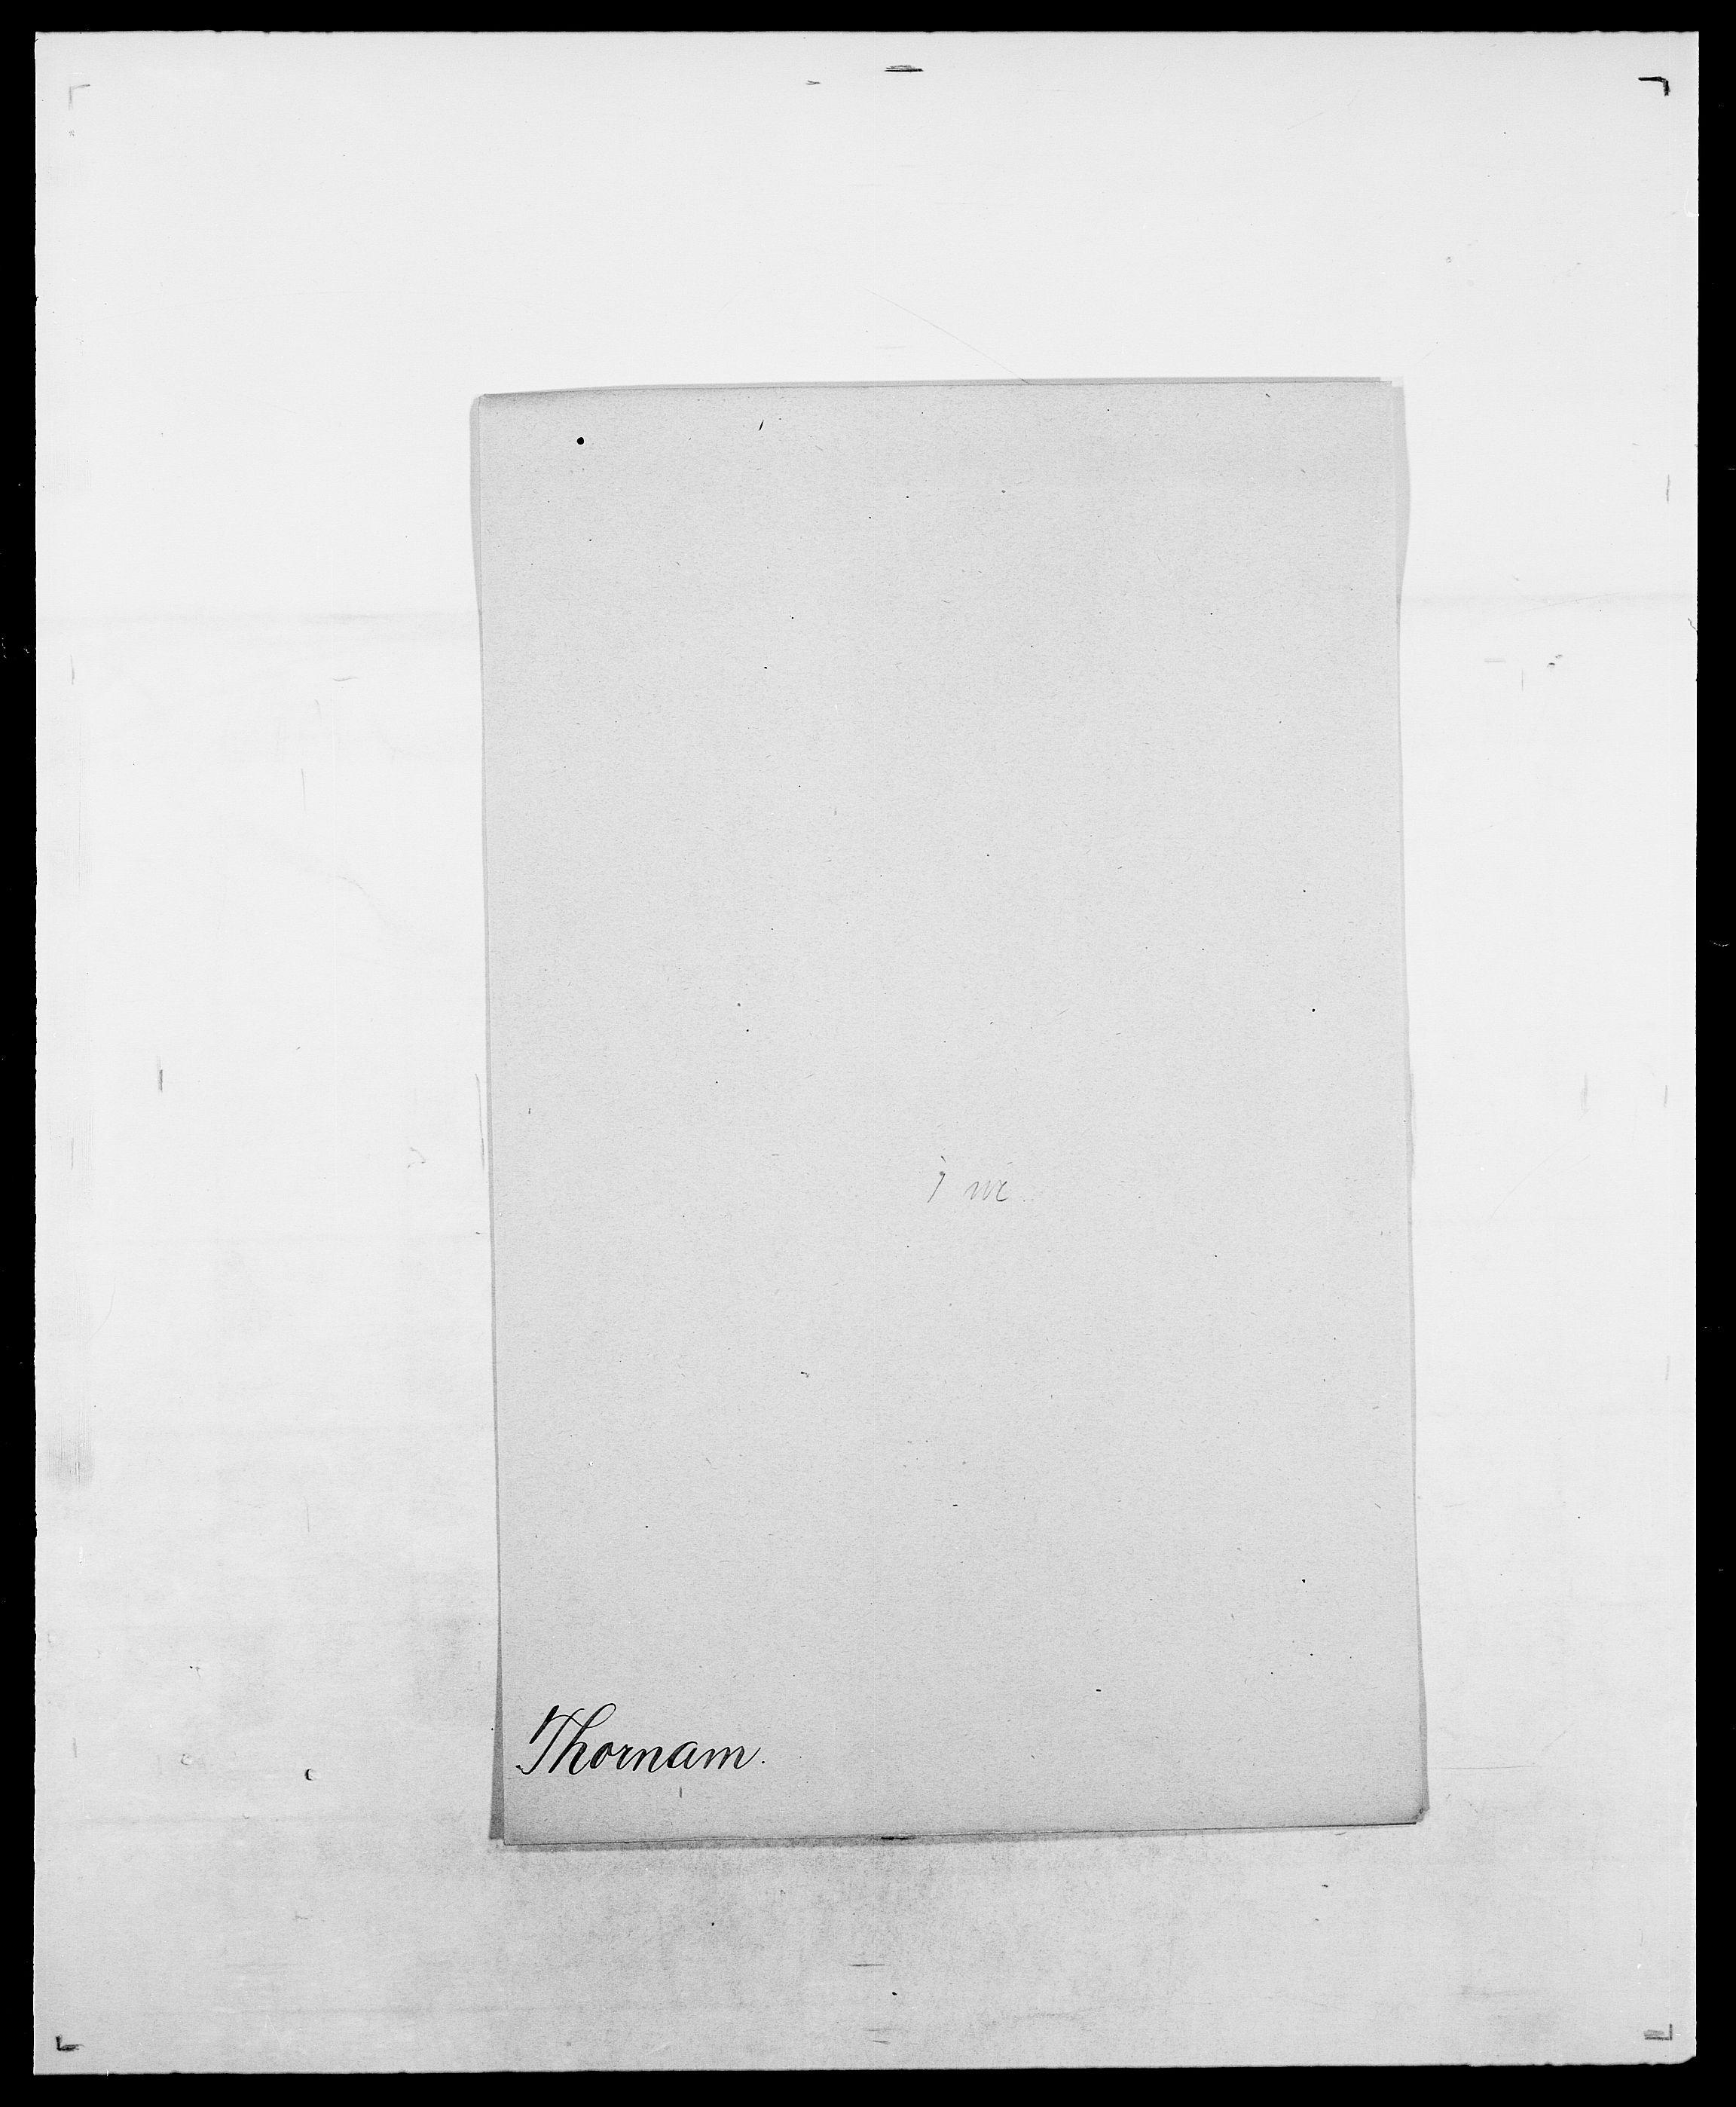 SAO, Delgobe, Charles Antoine - samling, D/Da/L0038: Svanenskjold - Thornsohn, s. 883